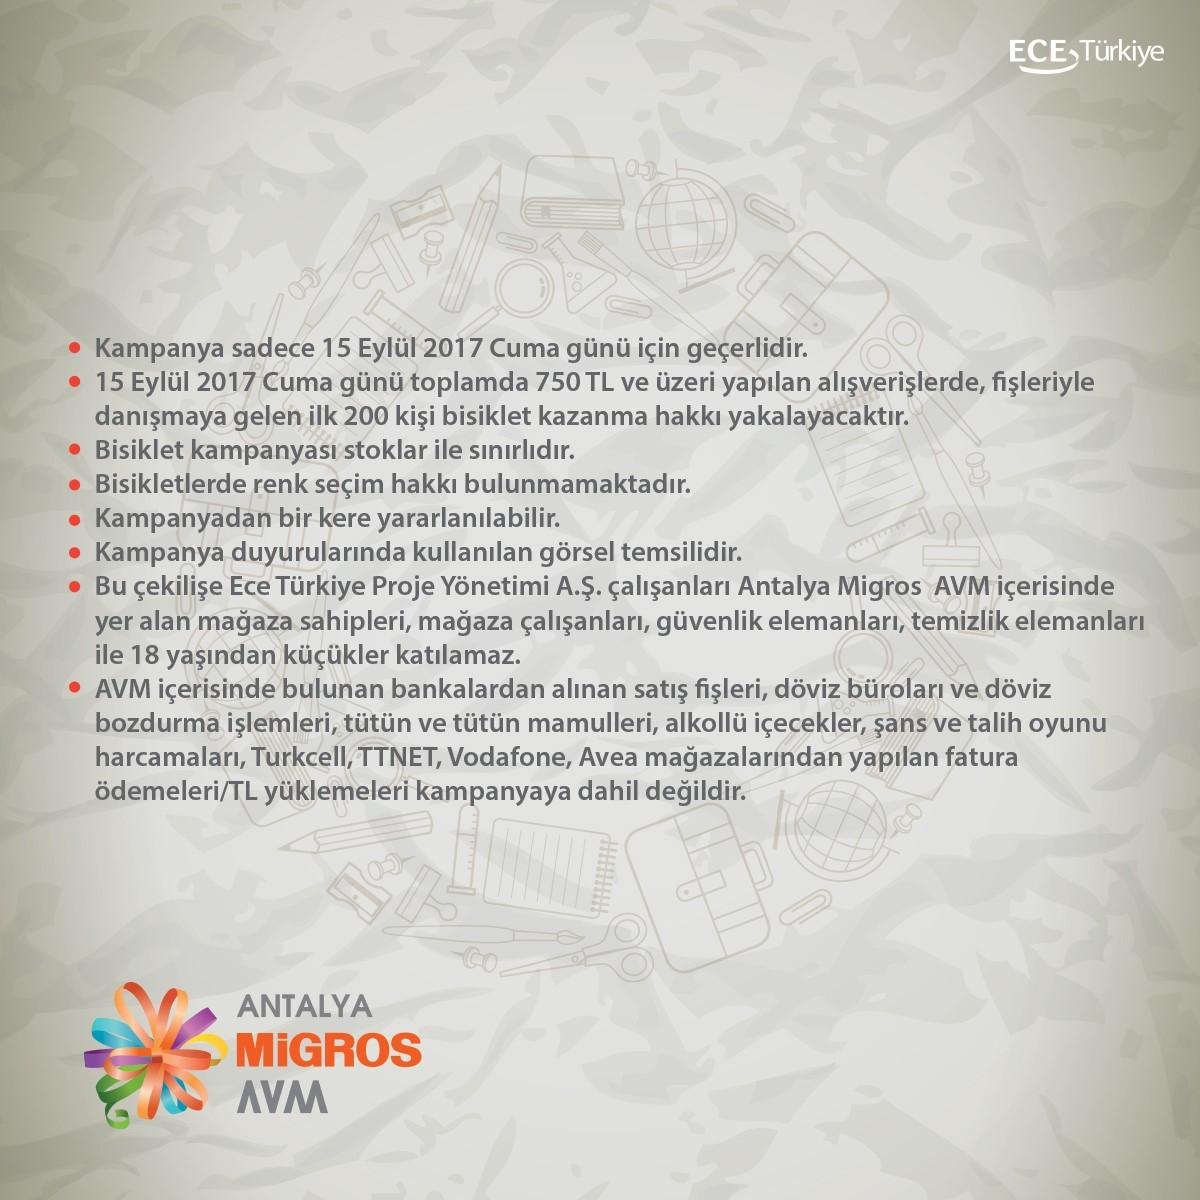 Antalya Migros AVM bisiklet kampanyası katılım koşulları